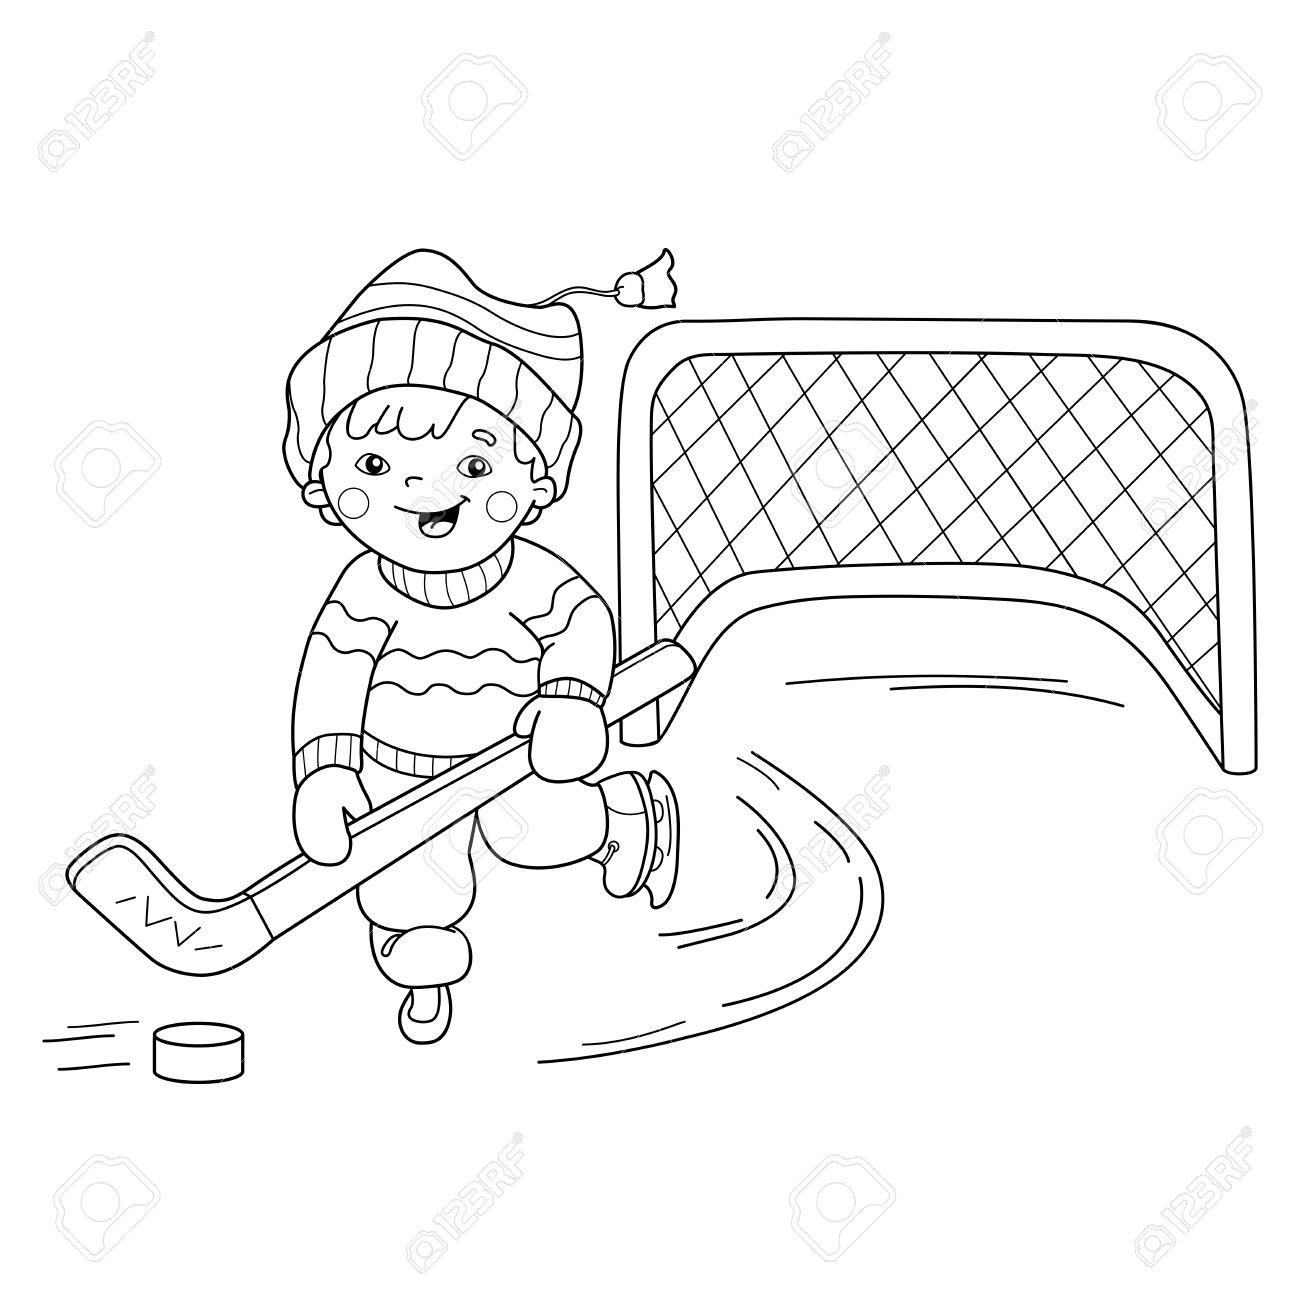 Malvorlagen Umriss Jungen Spielen Hockey-Cartoon. Wintersport ...